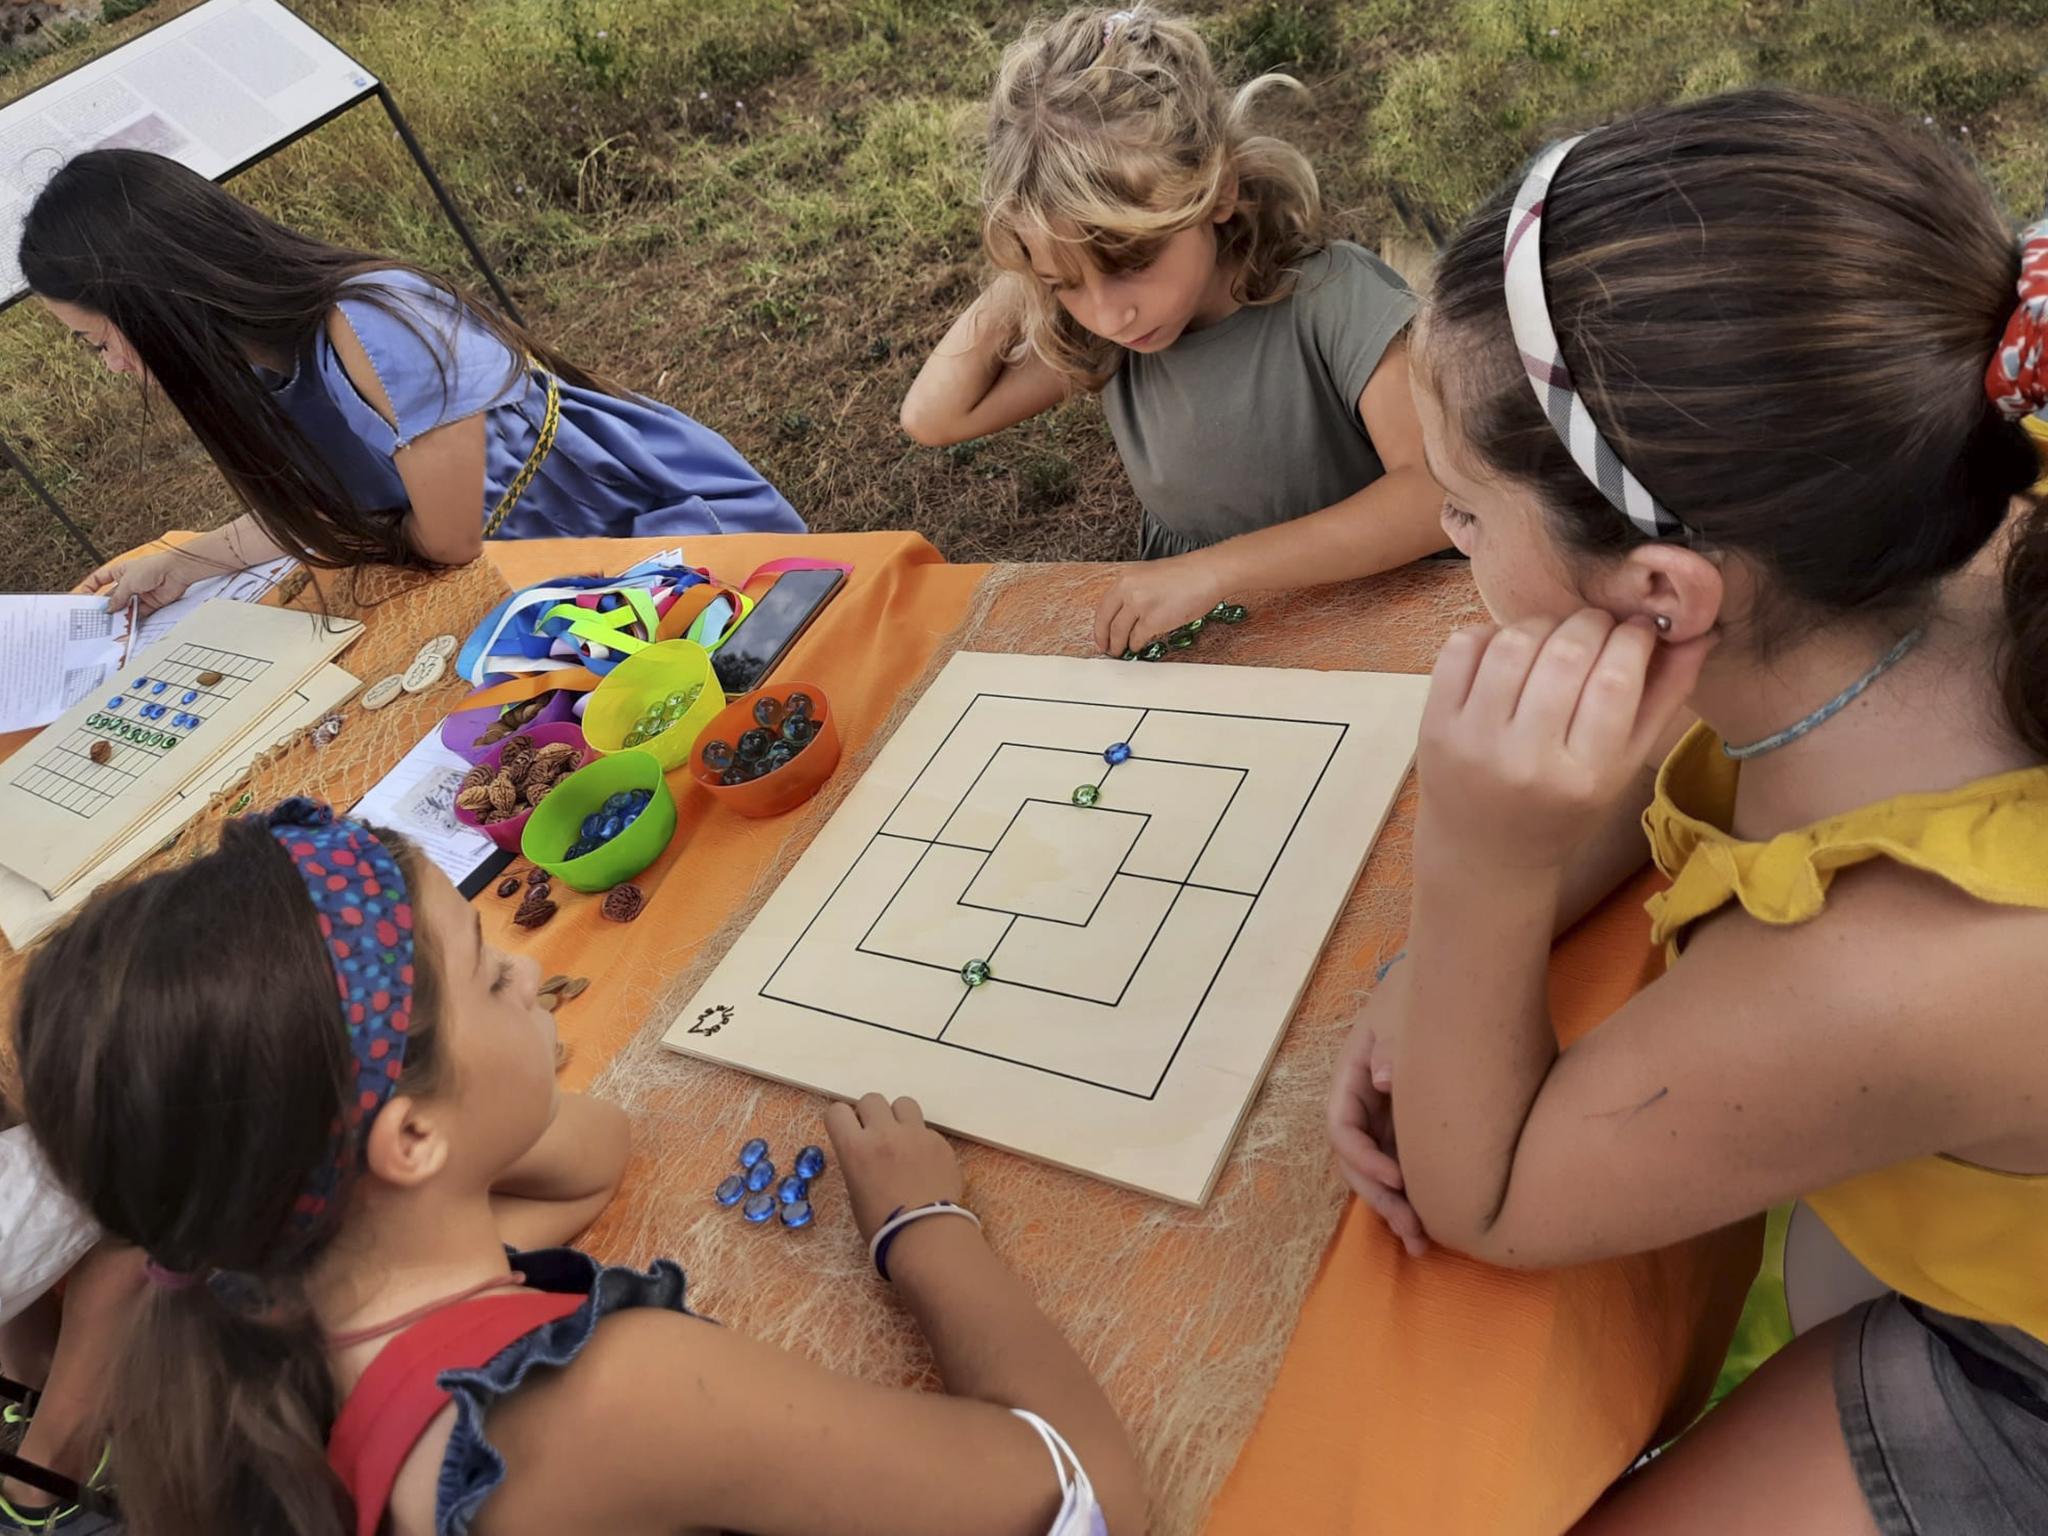 Il 1° novembre prende avvio 'AppiaPlay. La cultura come gioco'. Il primo progetto di crowdfunding del Parco